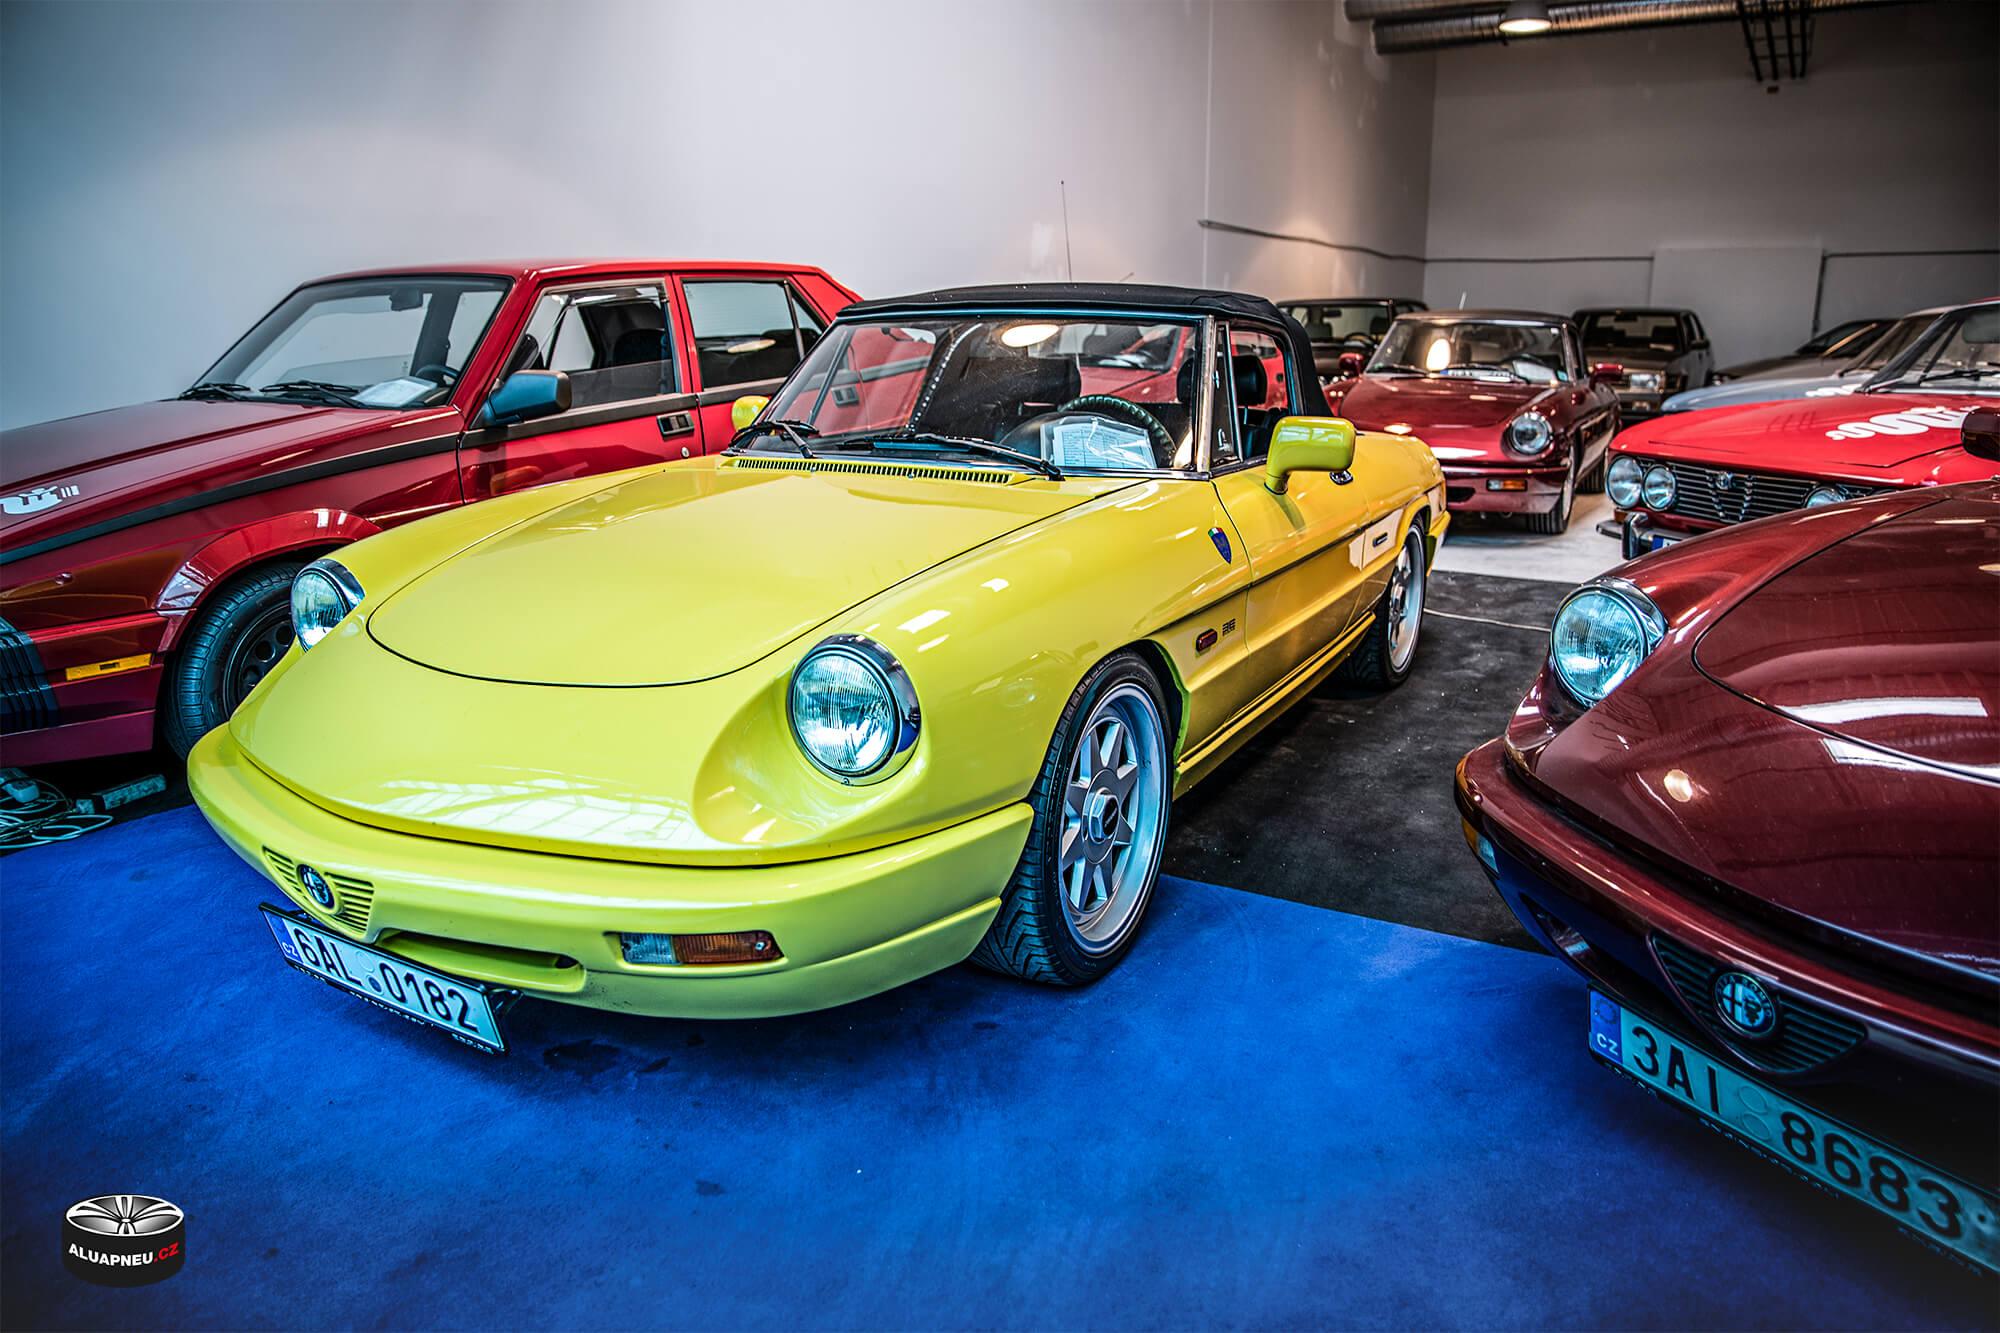 Stříbrná alu kola Alfa Romeo Spider - Youngtimer - www.aluapneu.cz